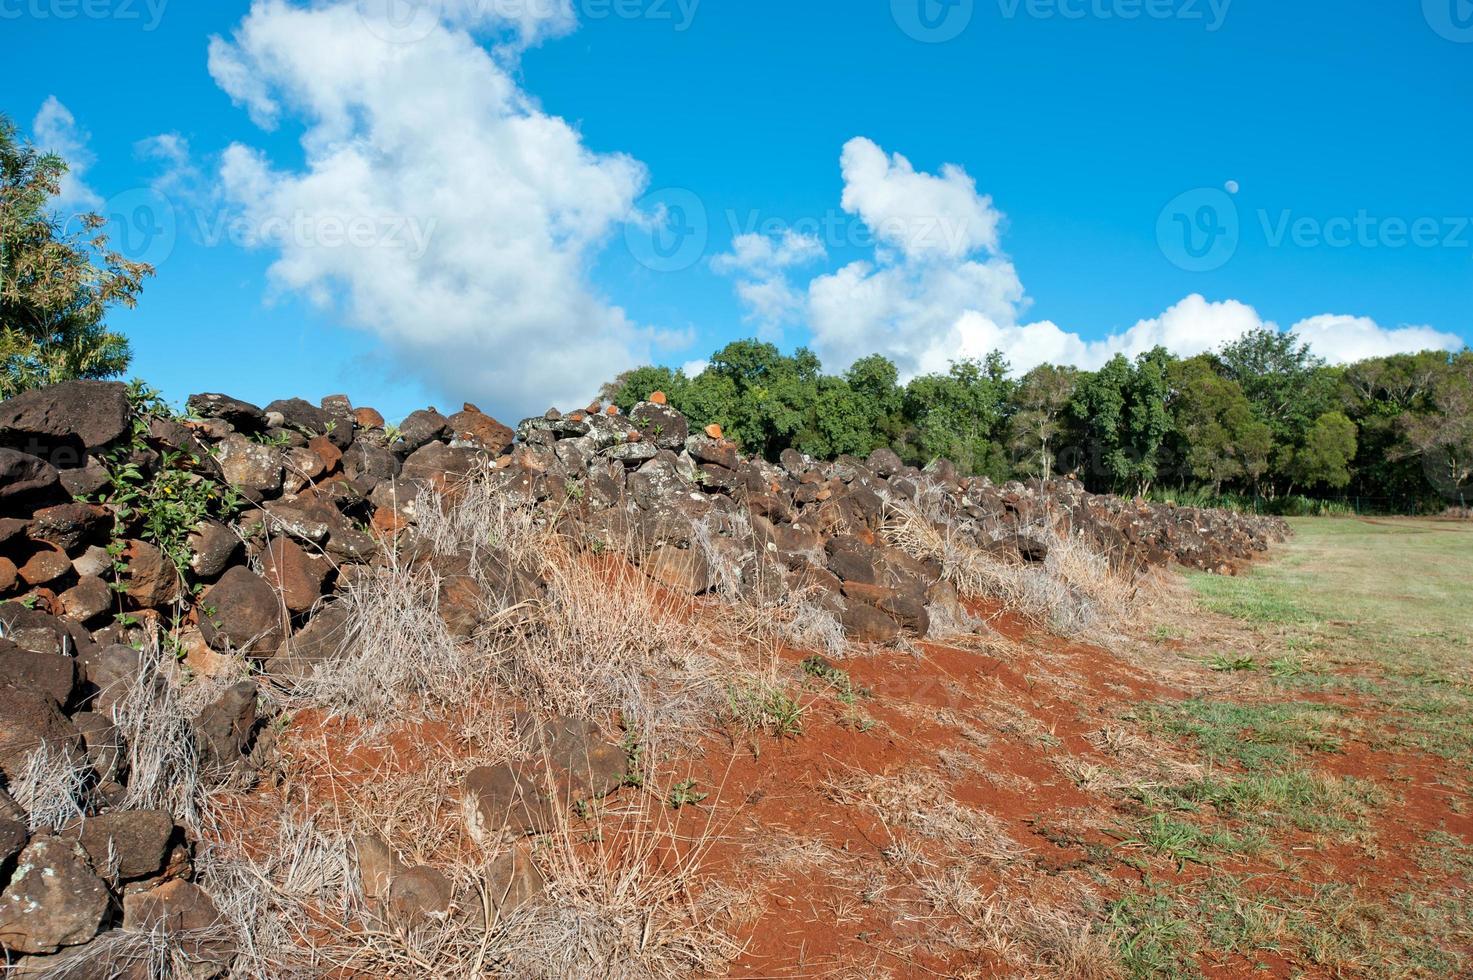 pu'u o mahuka heiau, helig plats på oahu, hawaii foto